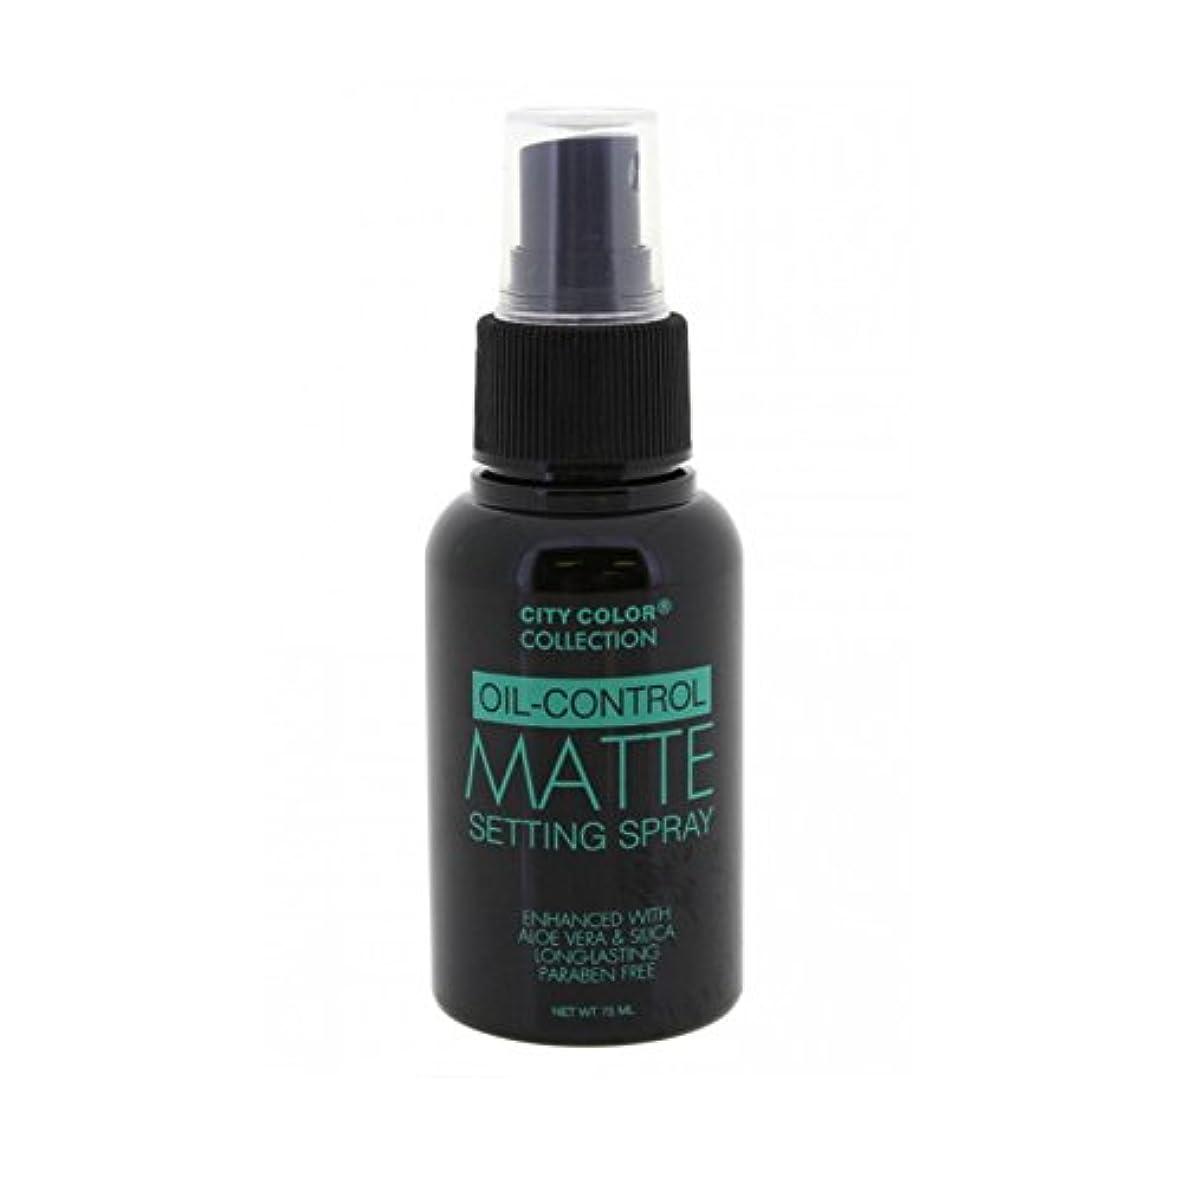 フェンス固執シンポジウム(3 Pack) CITY COLOR Oil-Control Matte Setting Spray (並行輸入品)